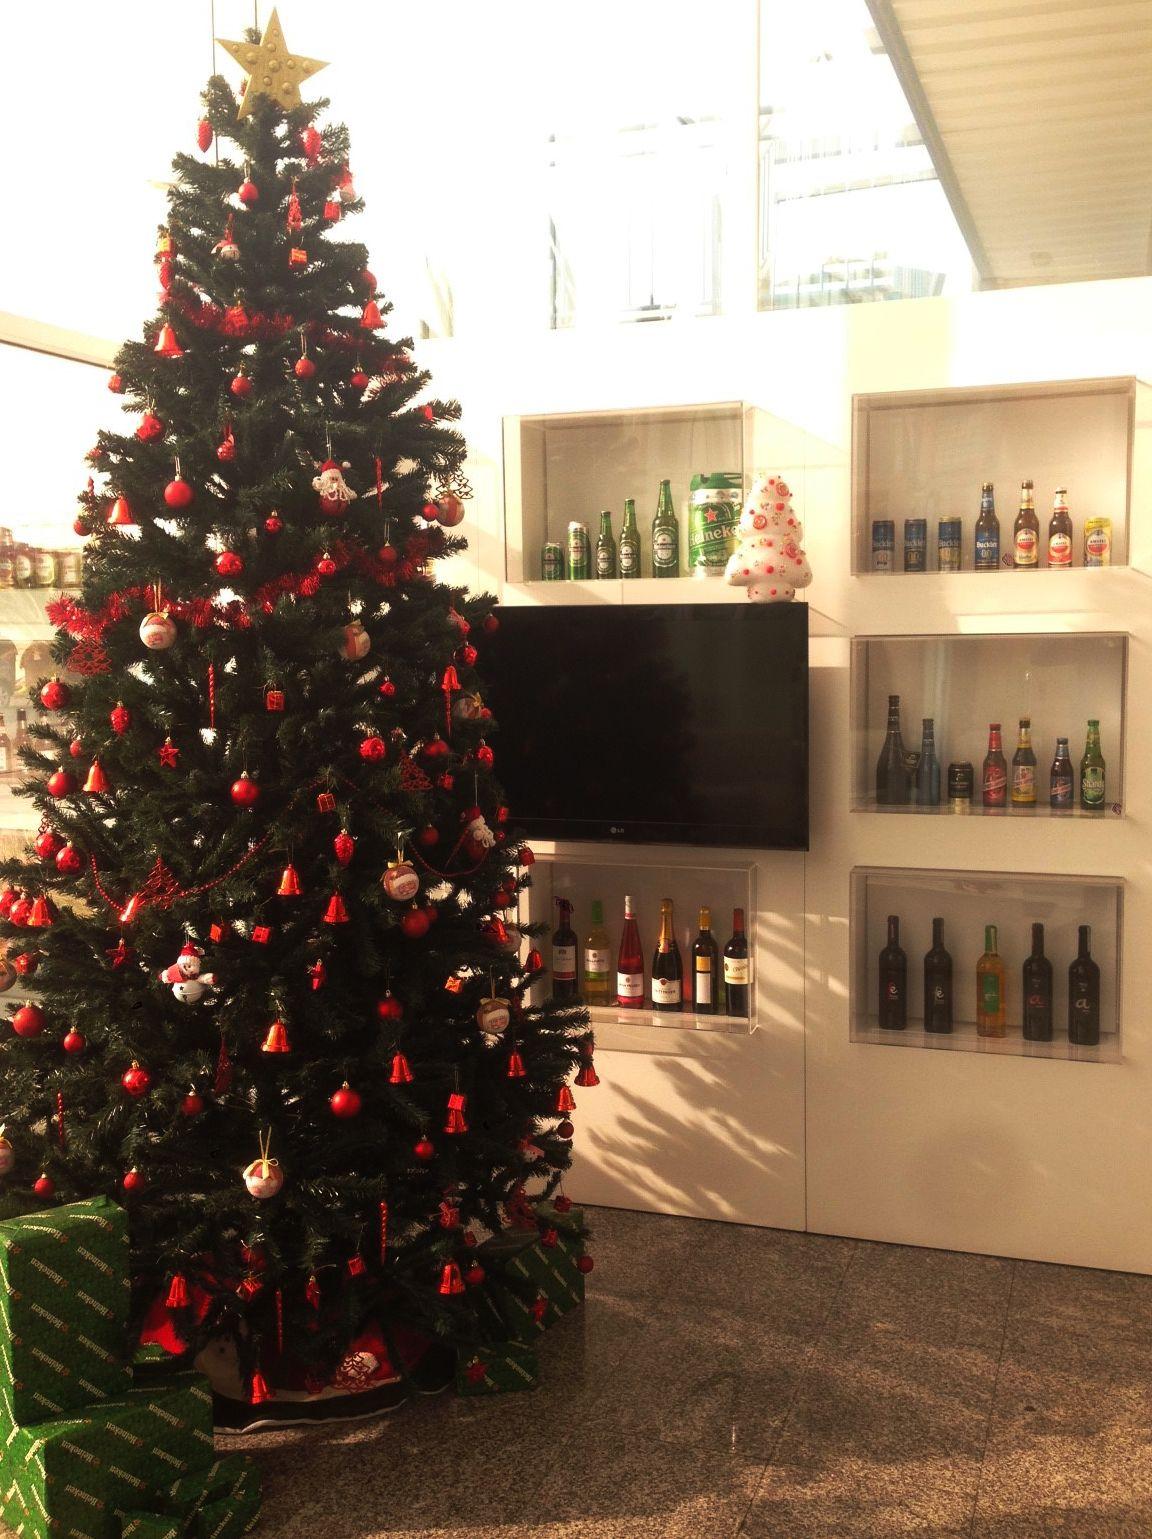 Heineken Feliz Navidad.Desde Incabe Distribucion Les Deseamos Que Tengan Una Feliz